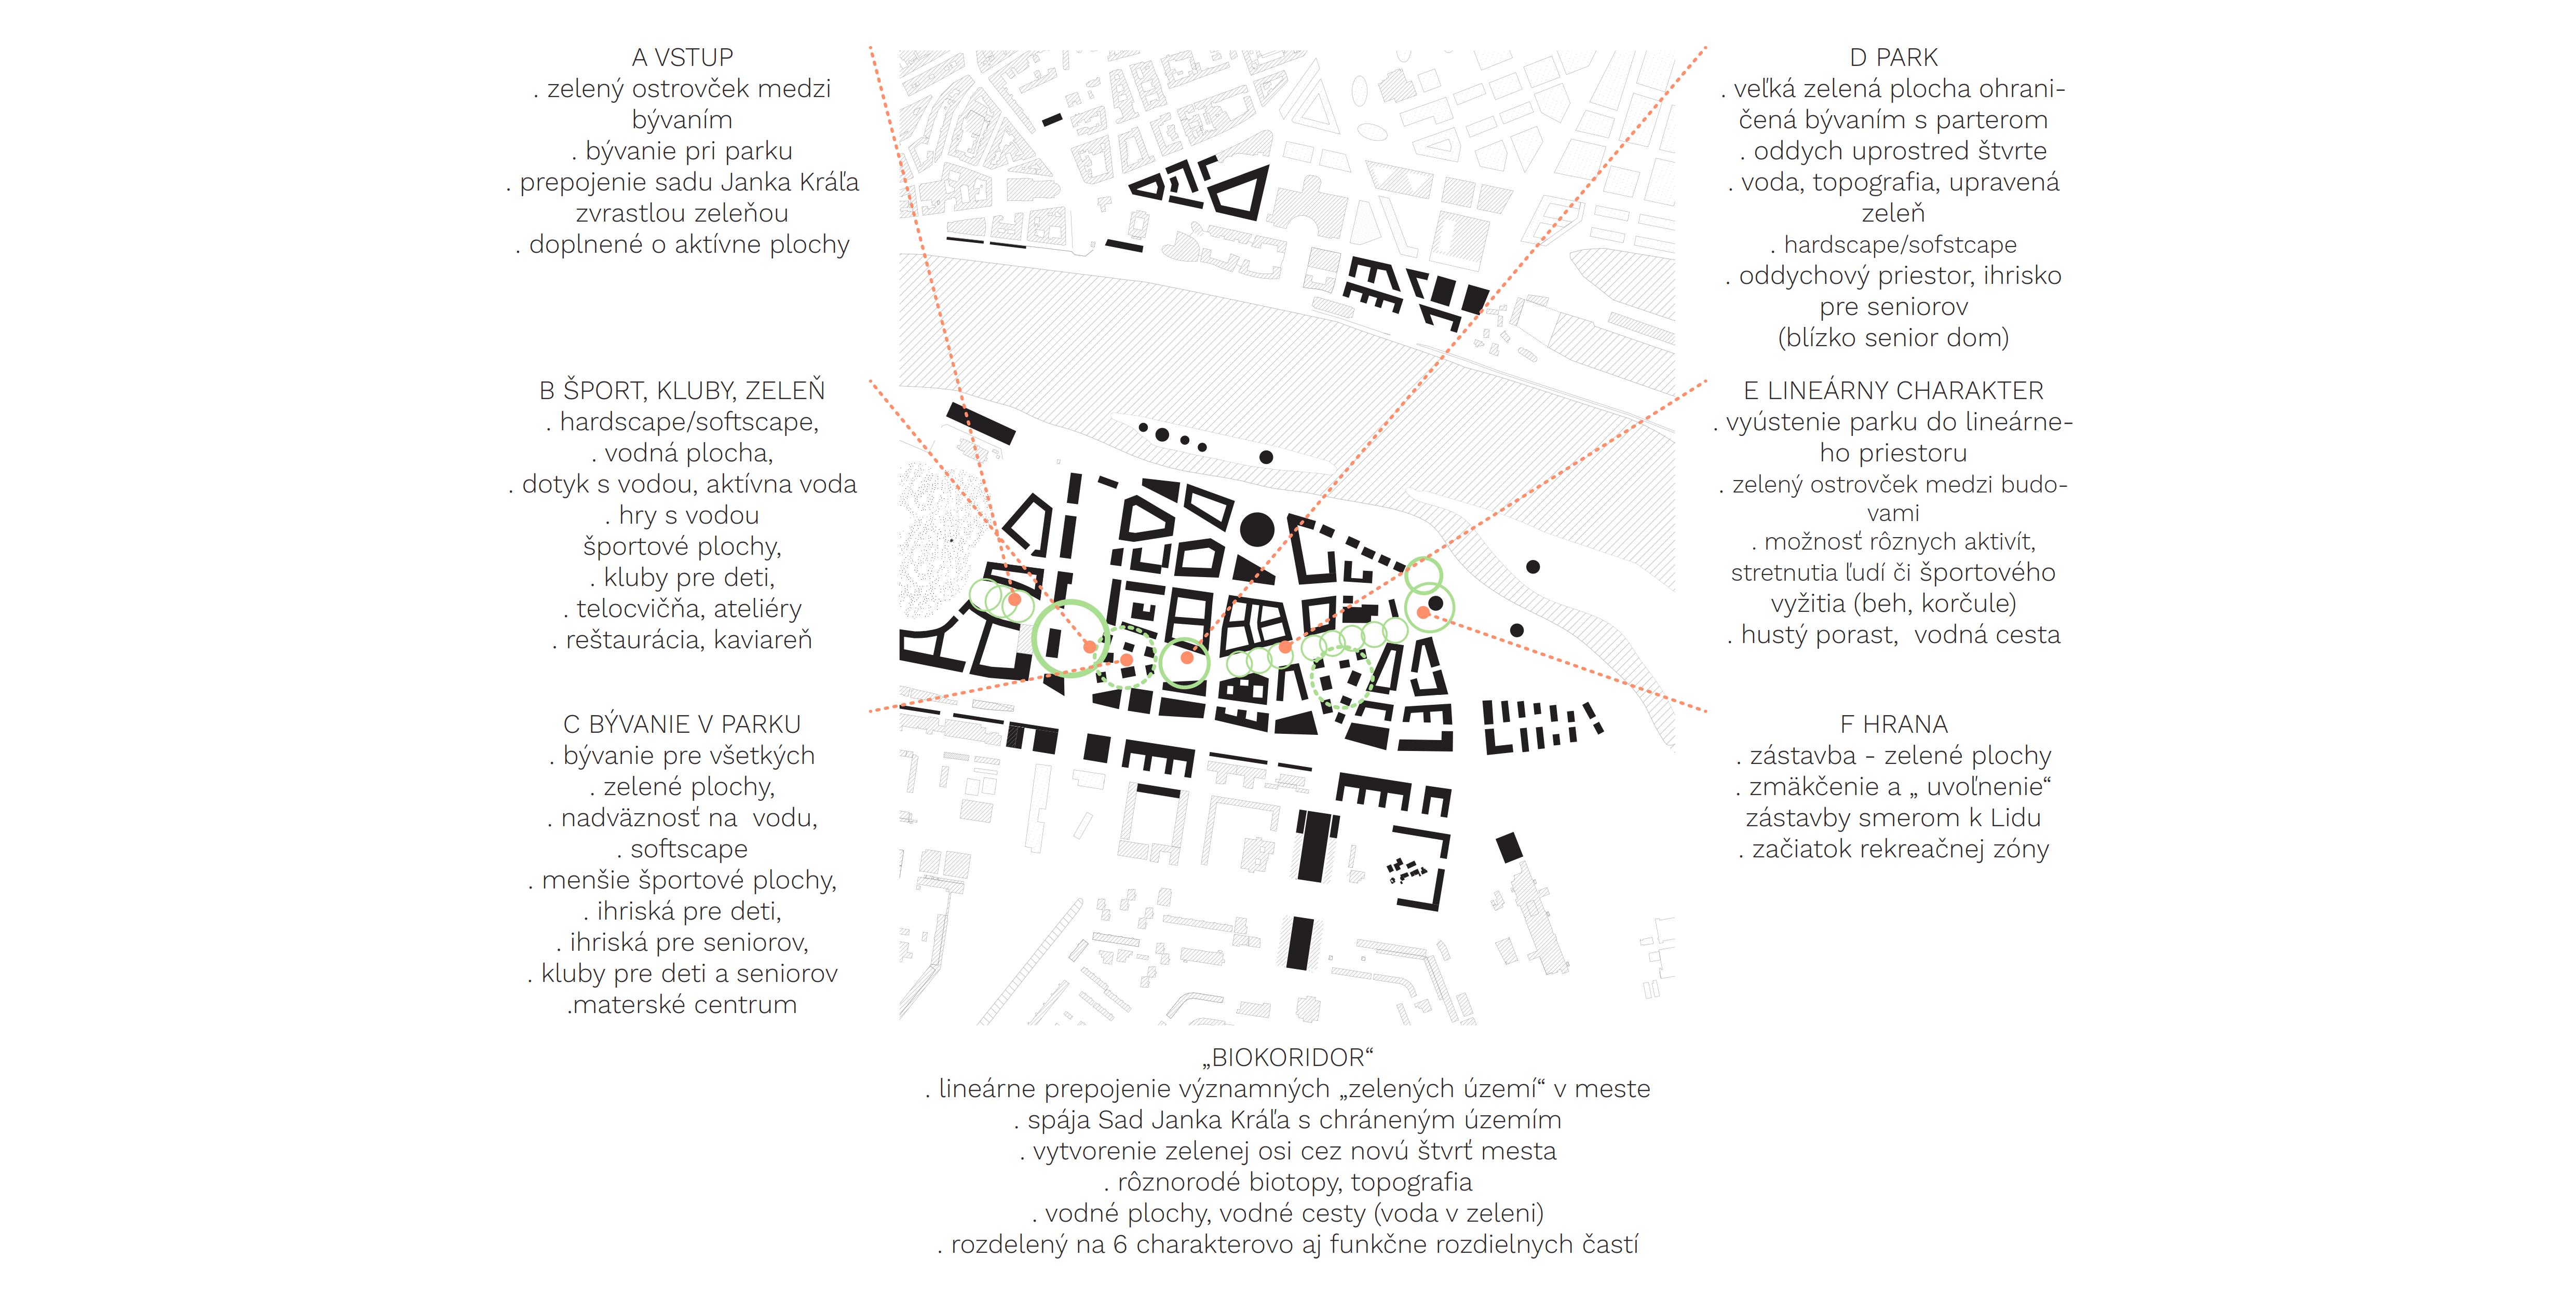 875070df8 Transformácia dunajského nábrežia - diplomová práca | Archinfo.sk